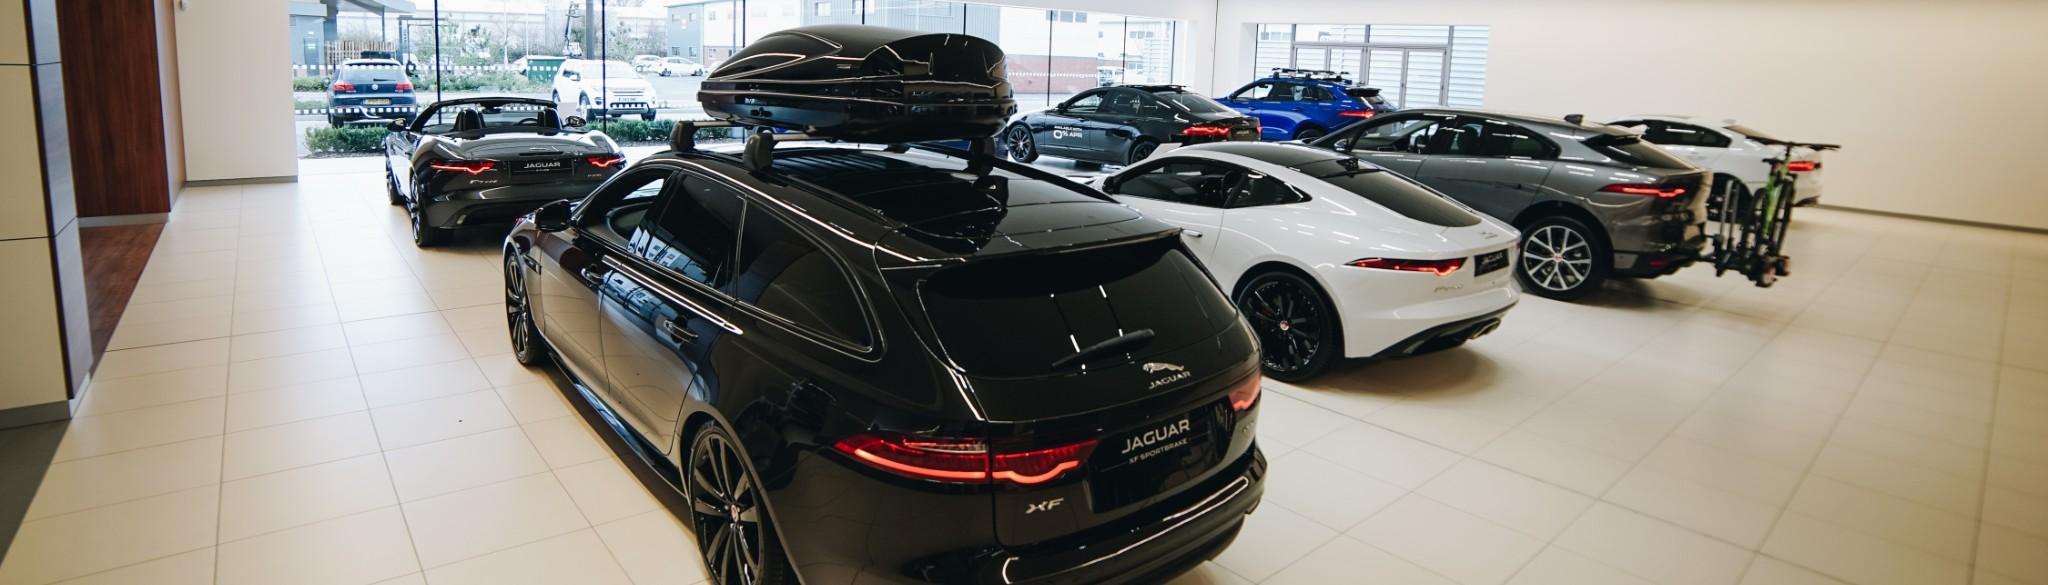 Inside Dick Lovett Jaguar Showroom Melksham